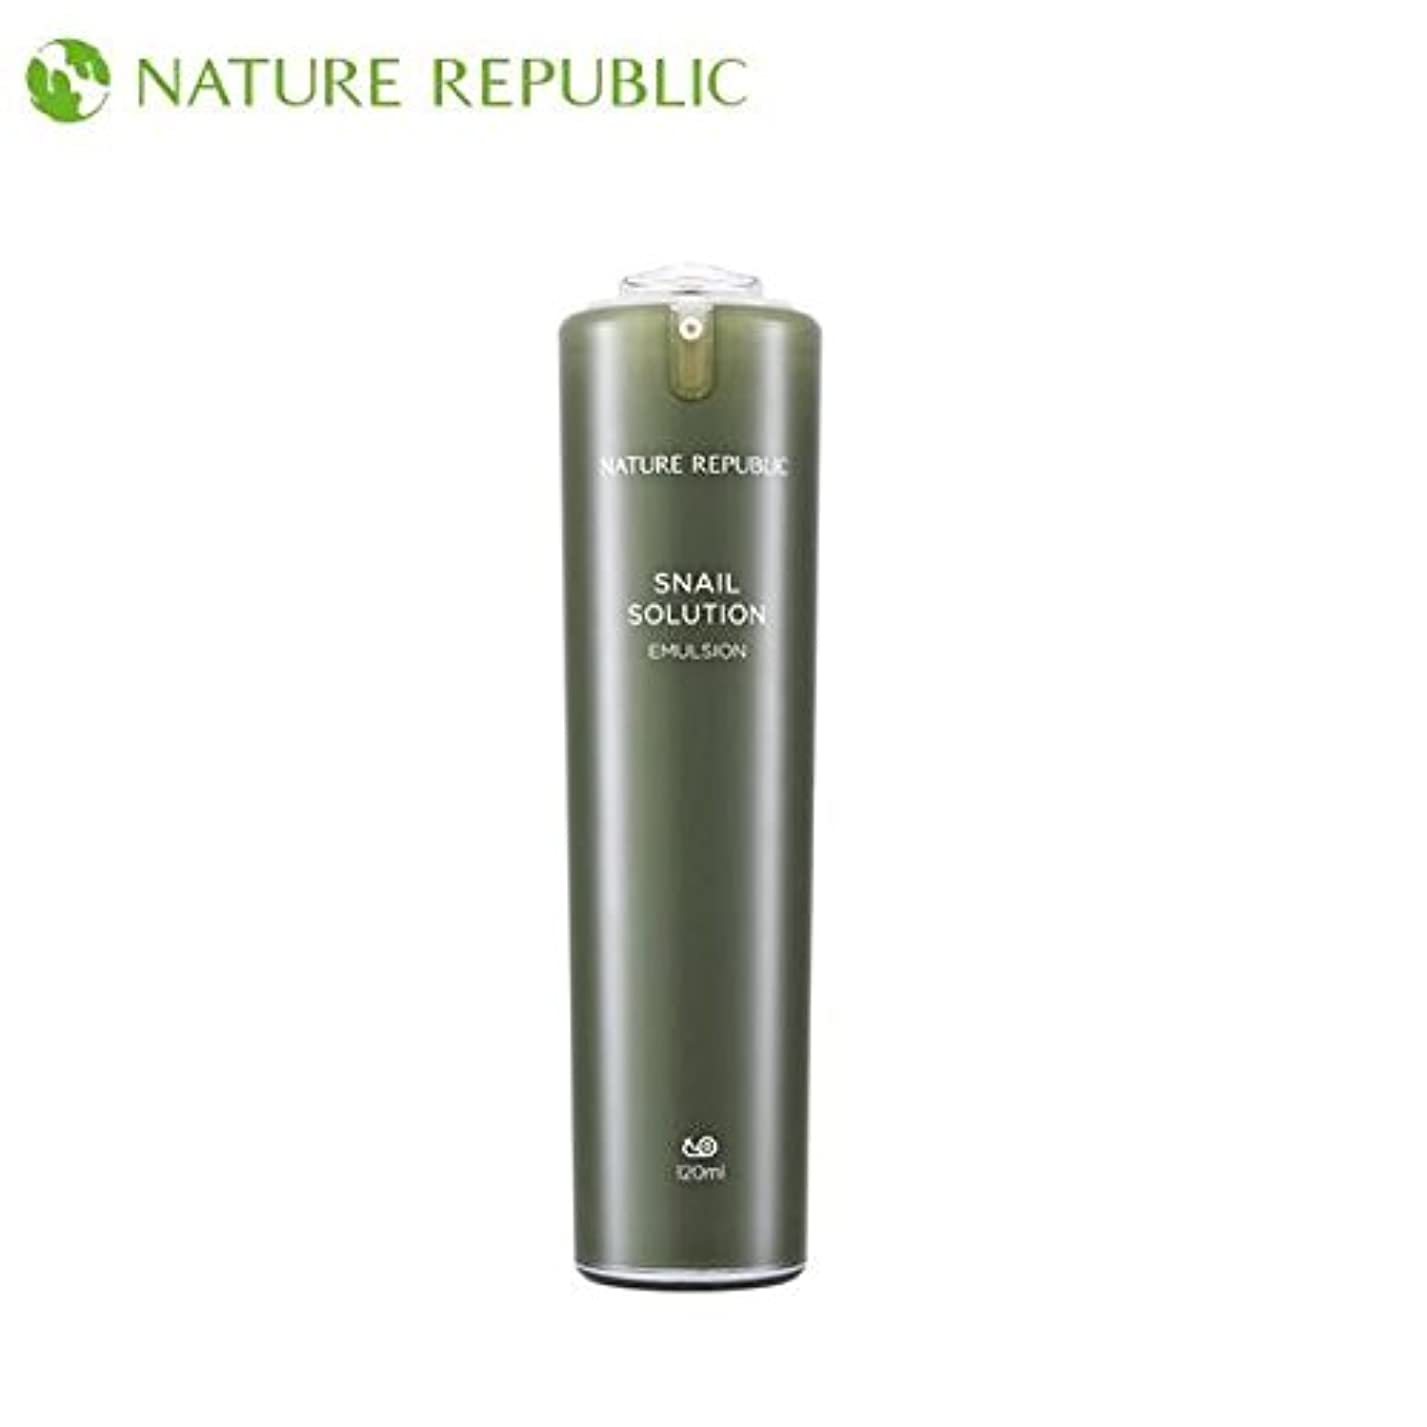 散髪投資する暖炉正規輸入品 NATURE REPUBLIC(ネイチャーリパブリック) S SOL エマルション b 乳液 120ml NK0228